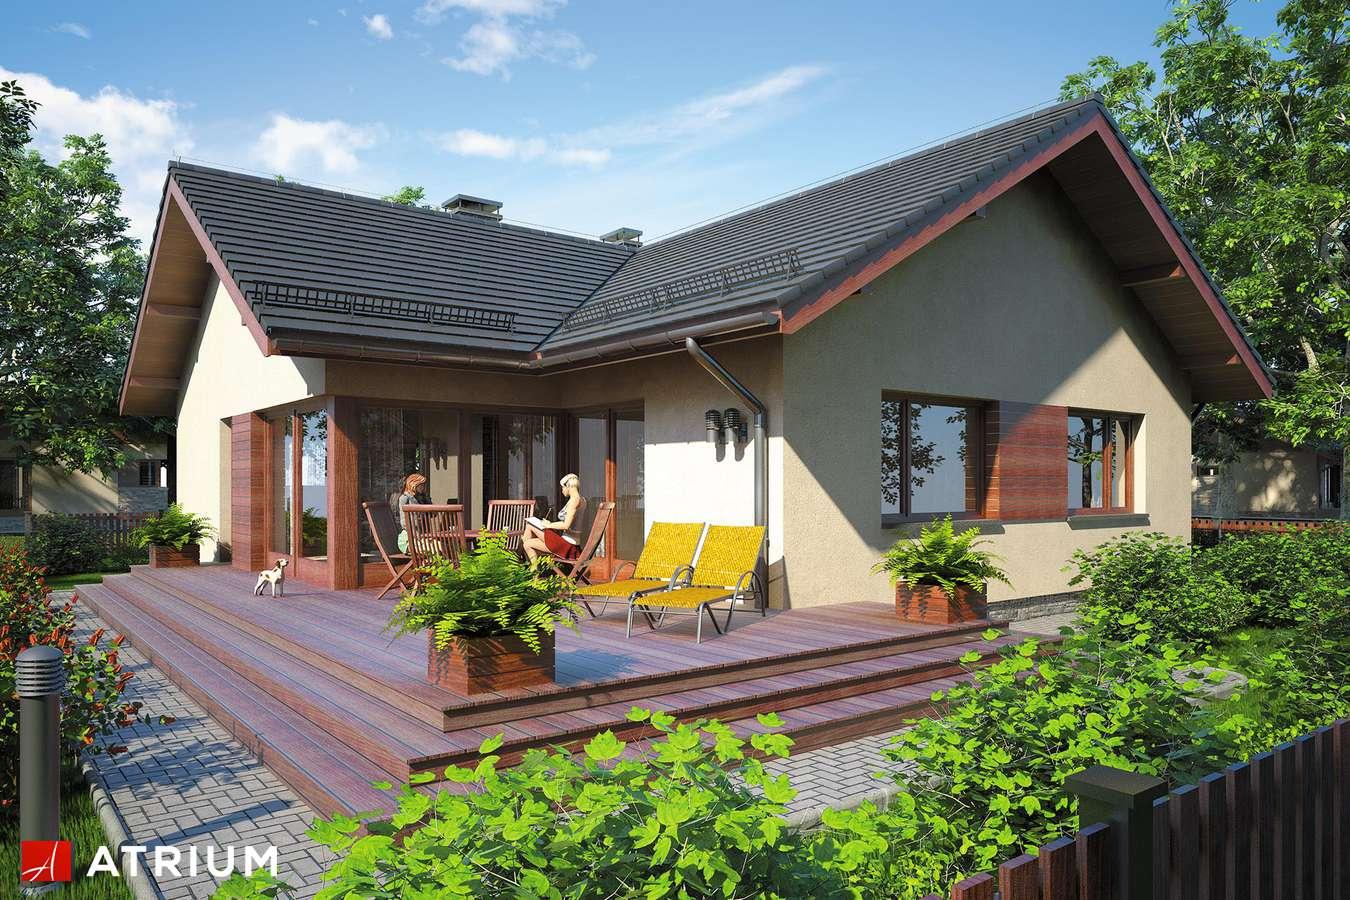 Projekty domów - Projekt domu parterowego AMBER IV - wizualizacja 2 - wersja lustrzana